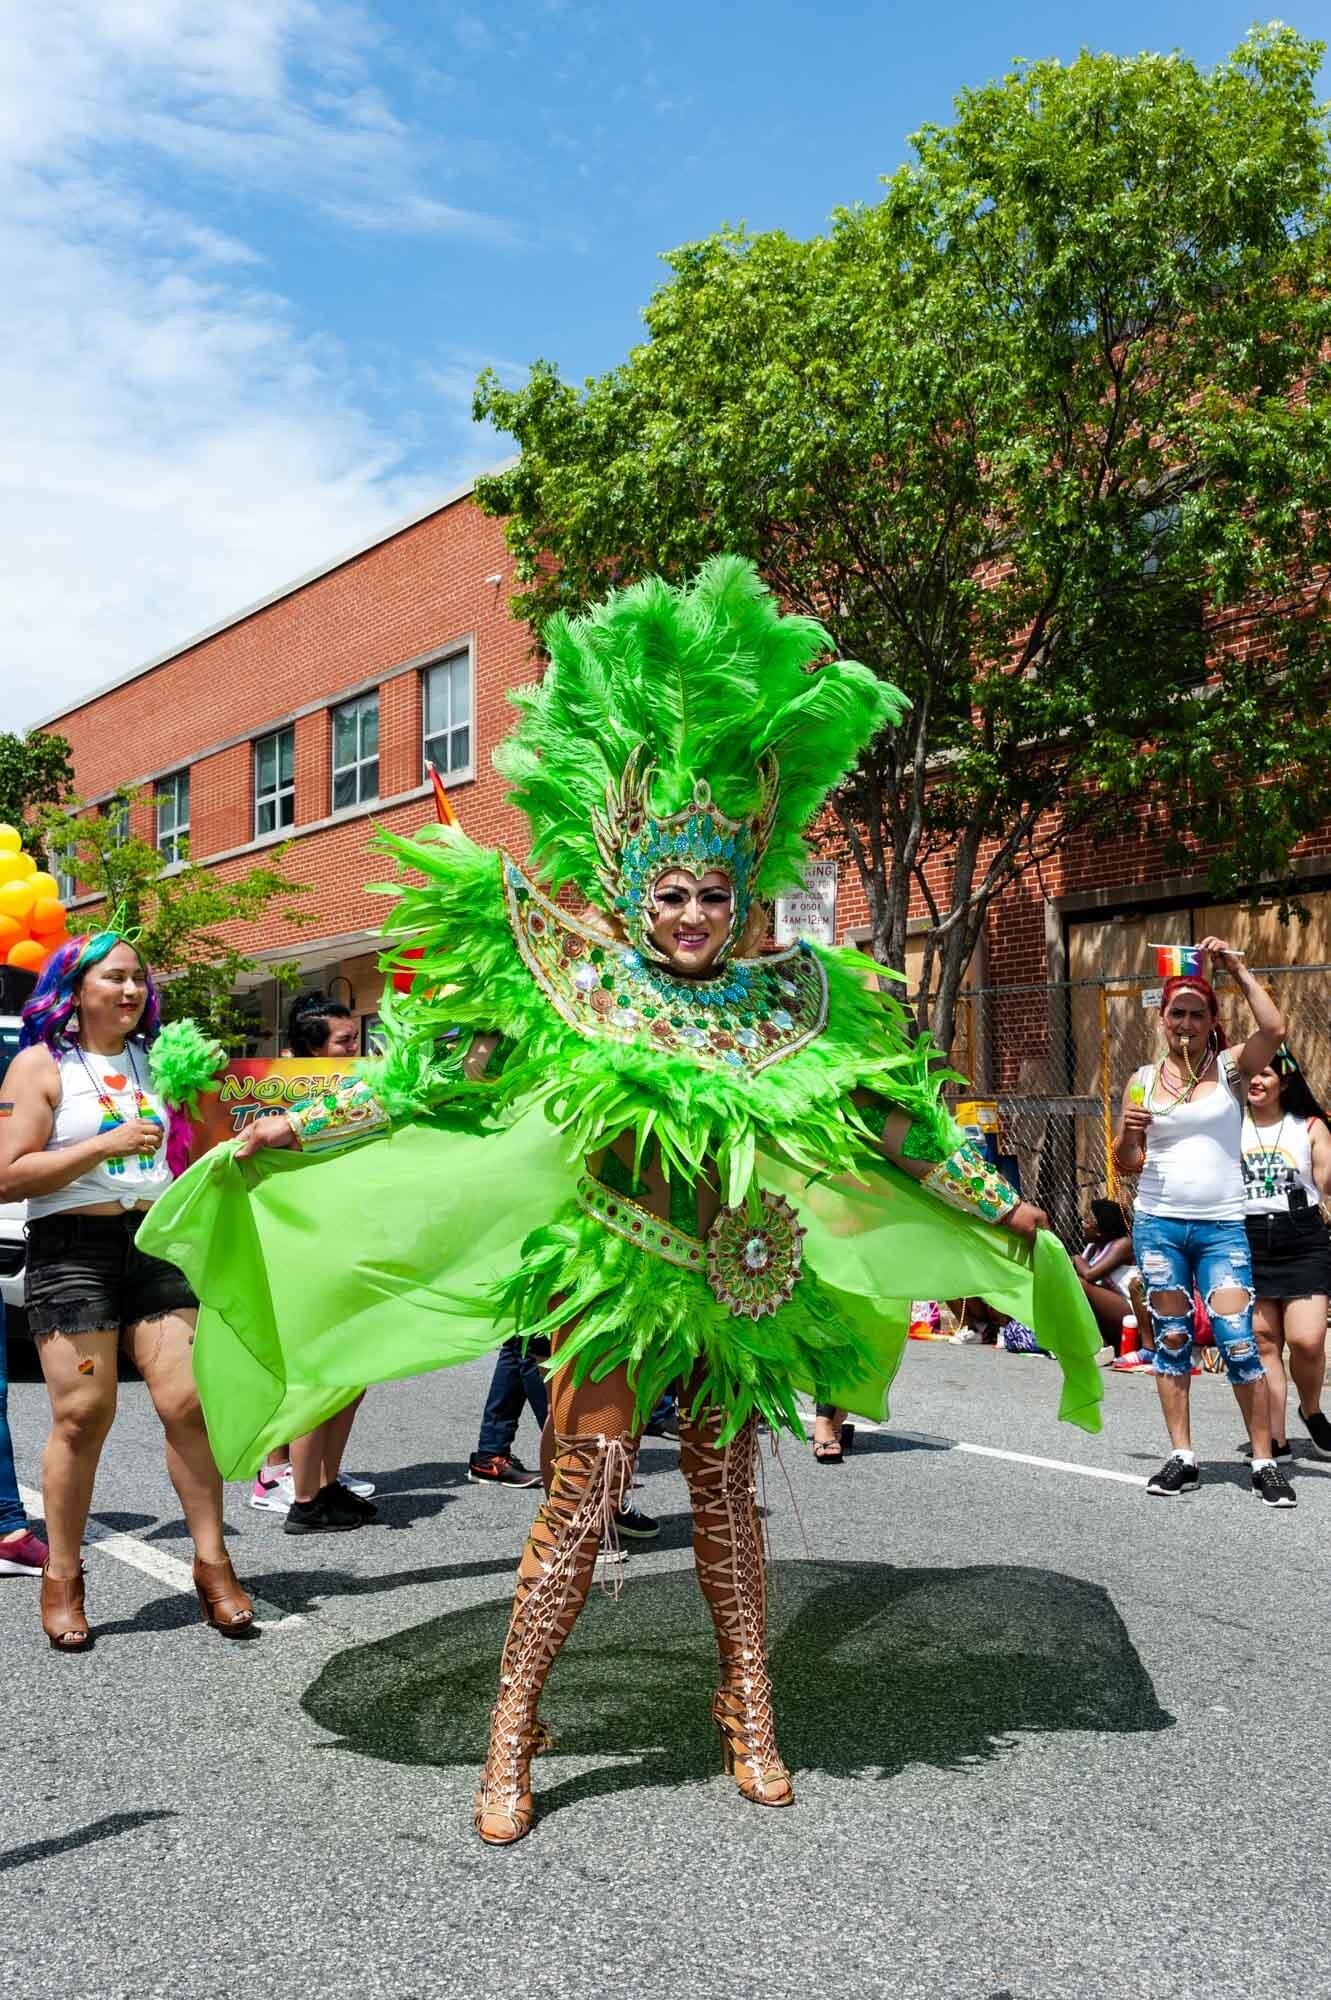 Emily Lewis Creative_Baltimore Pride Parade_2019-06-15-109.jpg